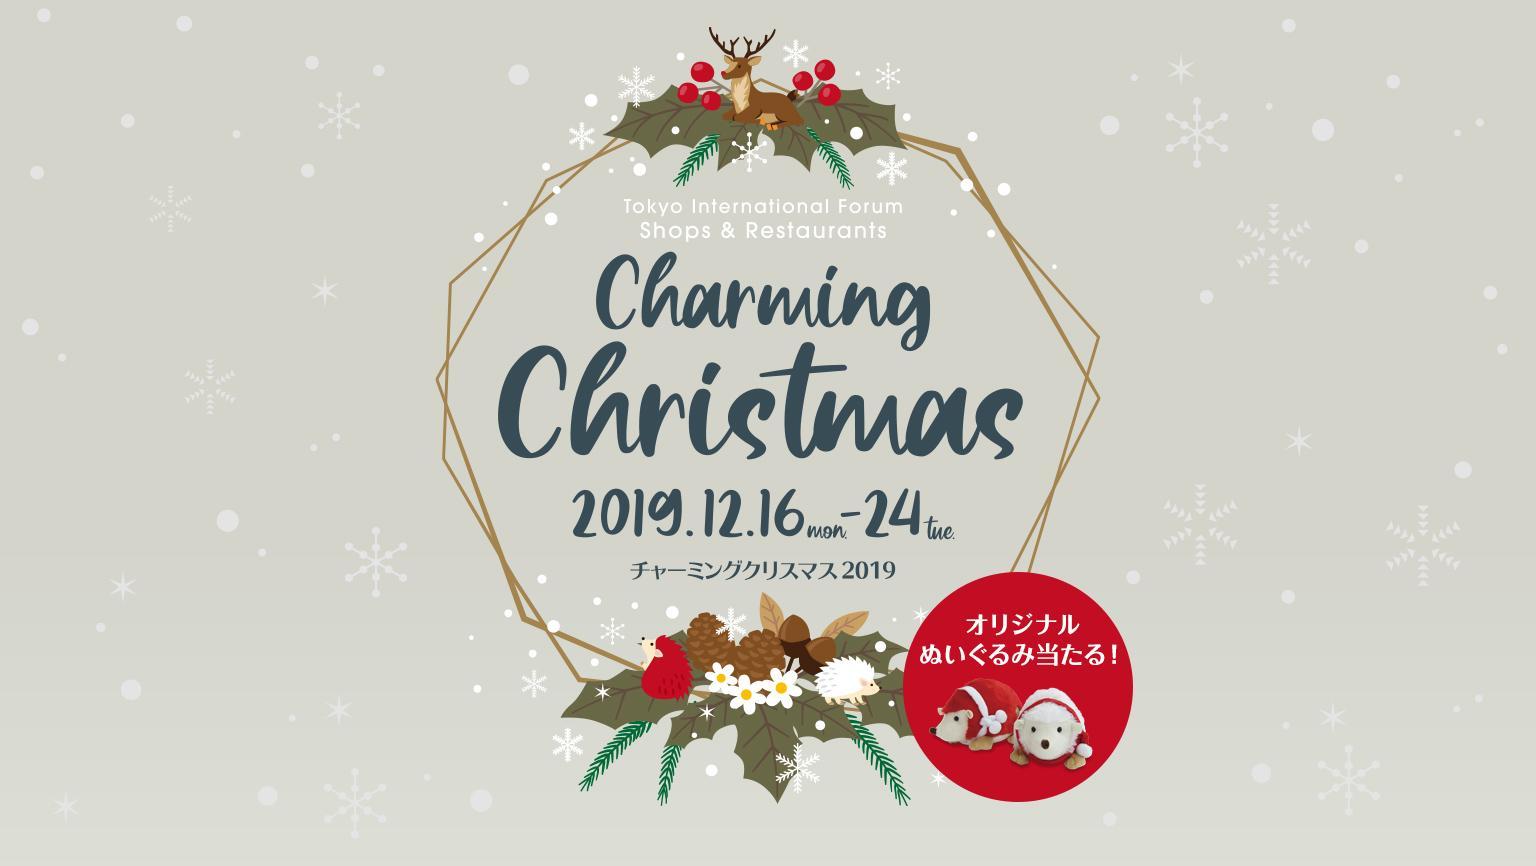 チャーミングクリスマス2019